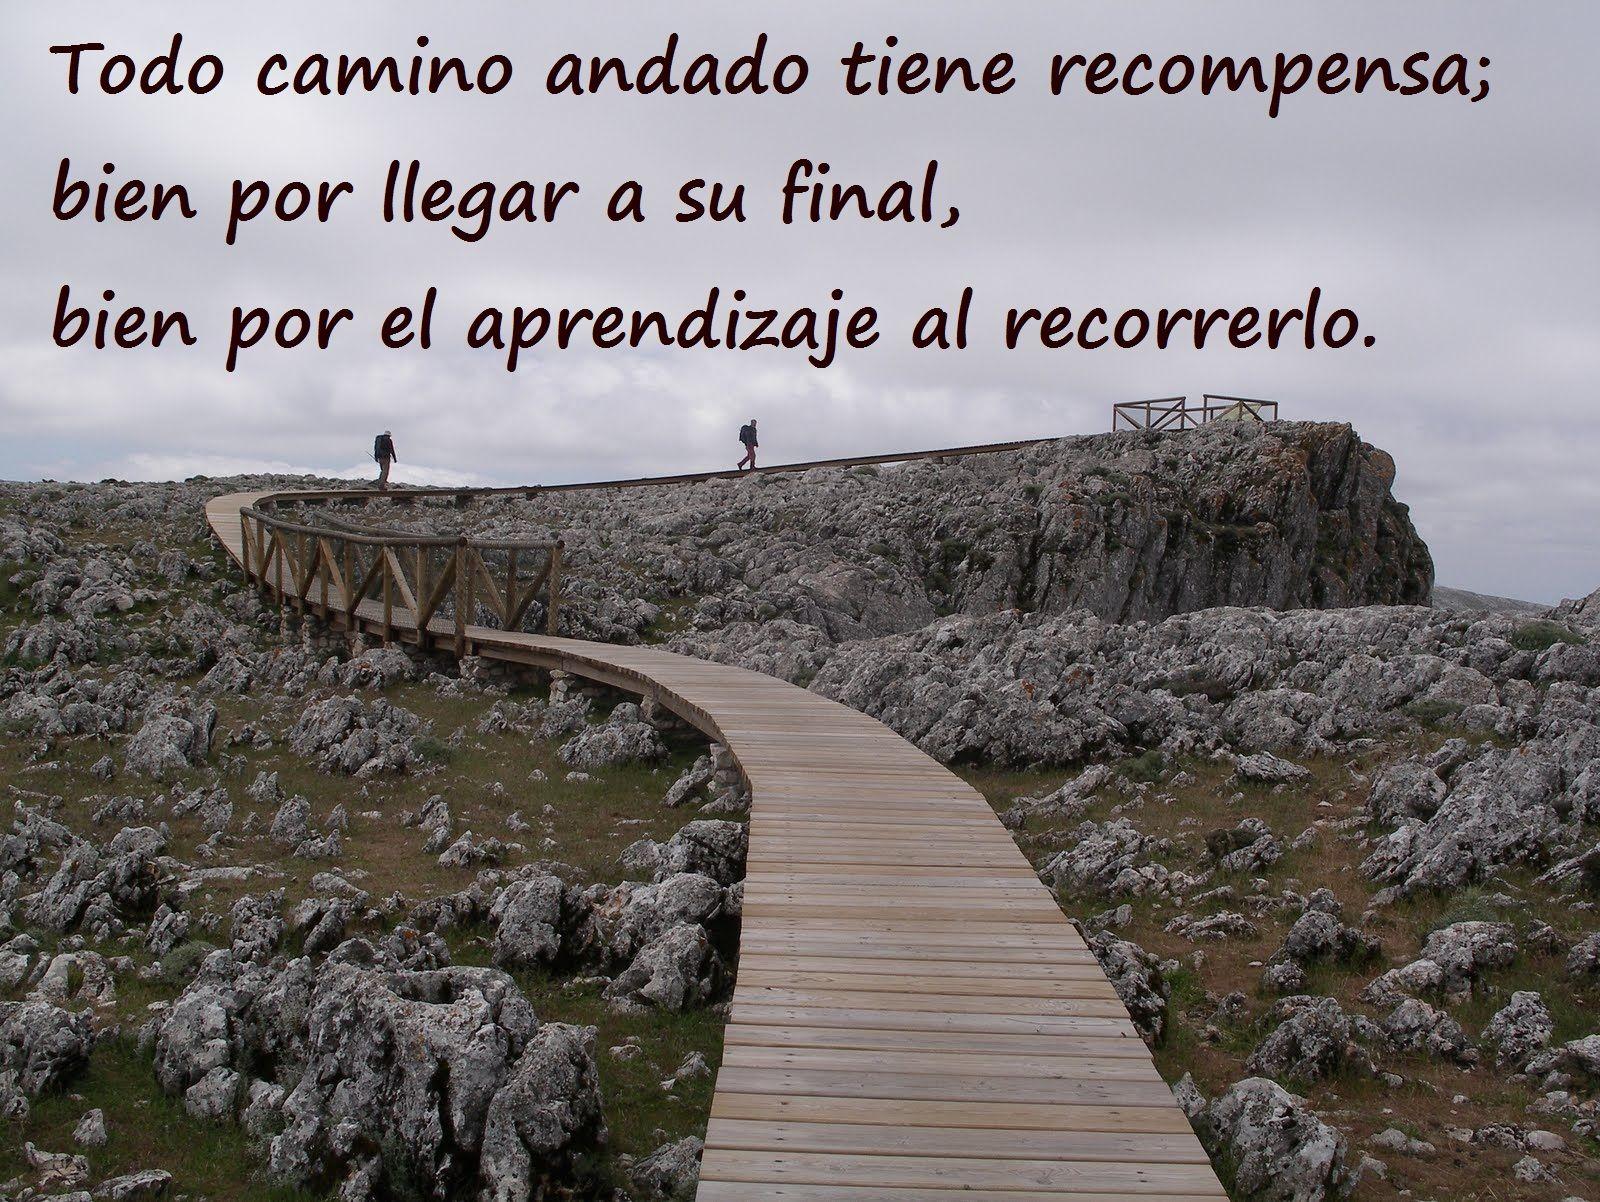 Caminar es aprender; aprender es caminar.  La senda de la vida es una prodigiosa sucesión de caminos y destinos...